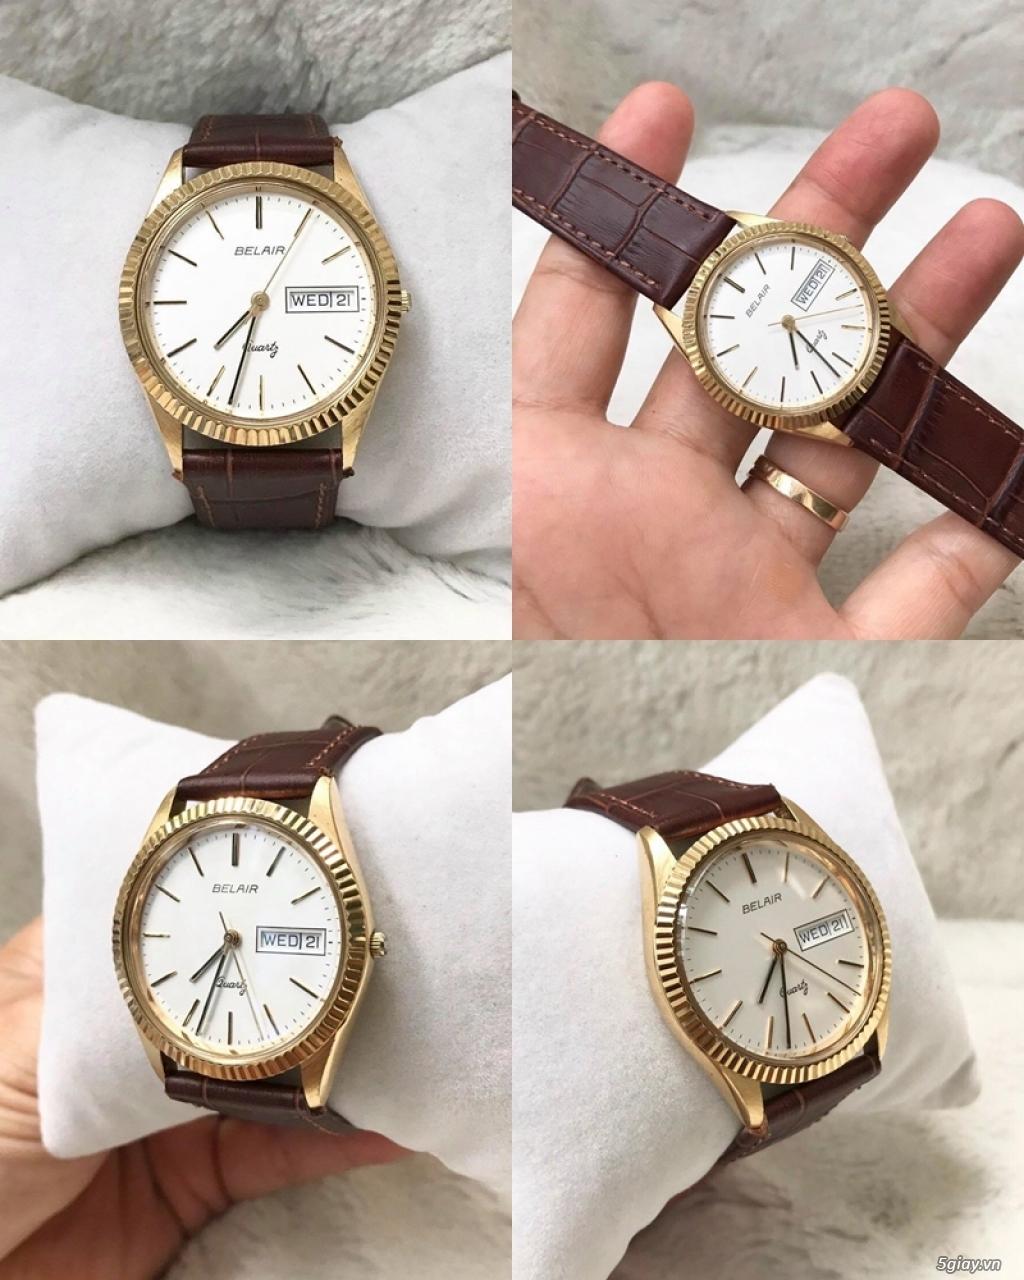 Kho đồng hồ xách tay chính hãng secondhand update liên tục - 22